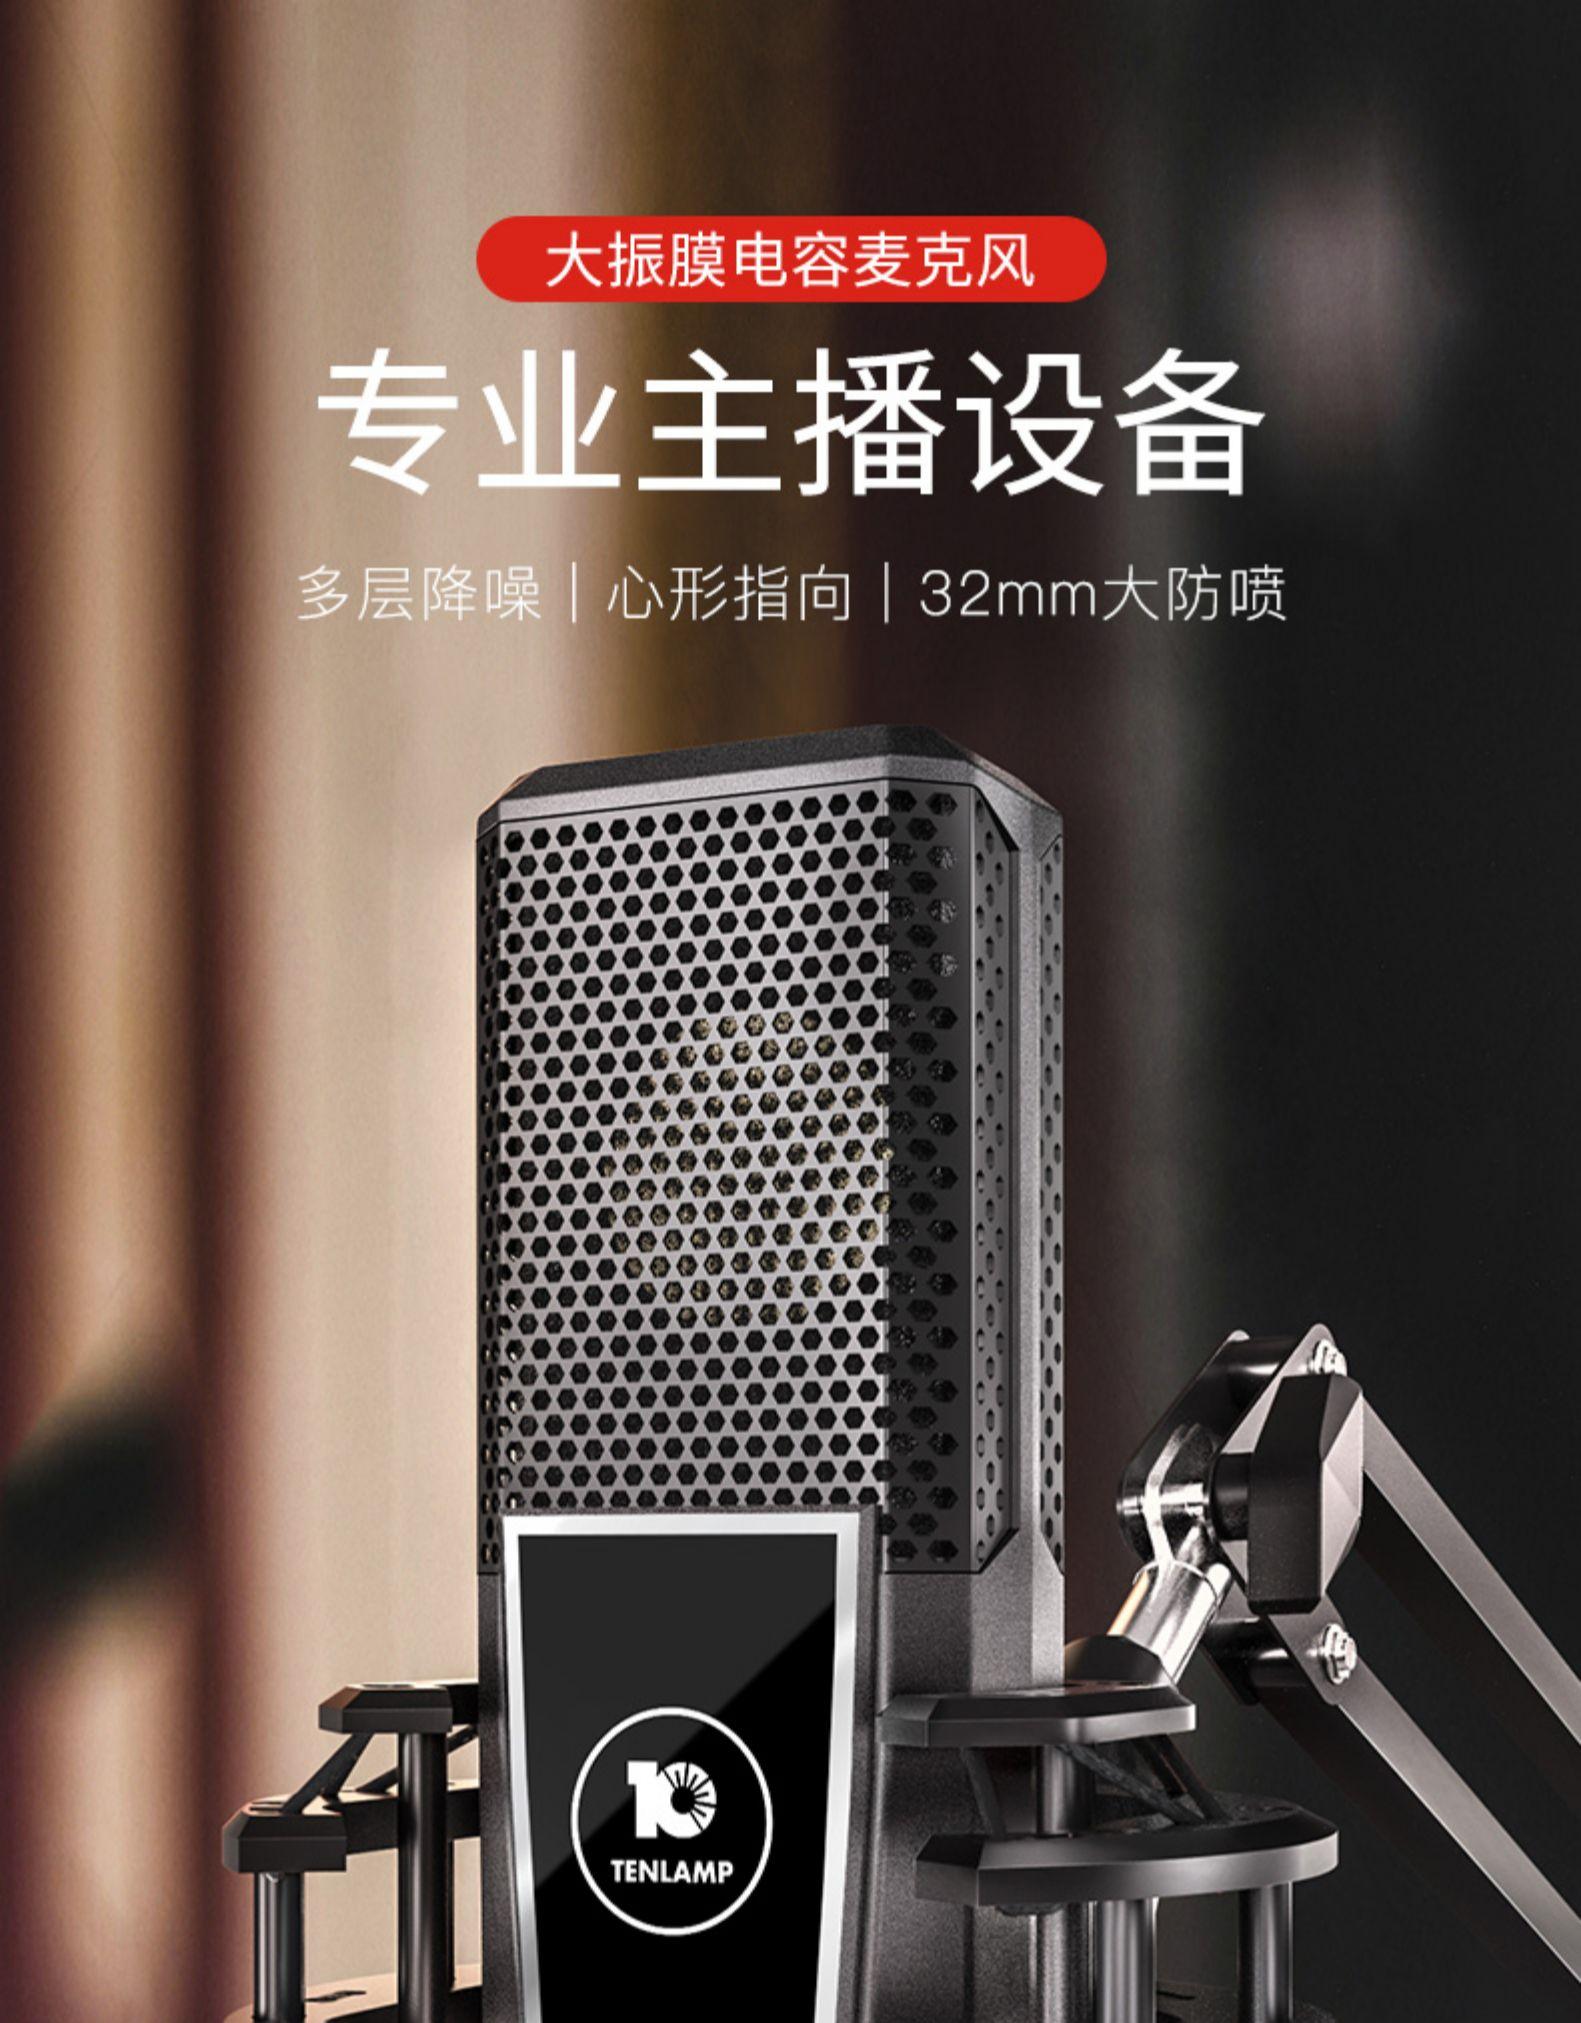 麥克風 L8網紅聲卡主播套裝手機唱歌專用直播設備全套K歌神器麥克風電腦台式機蘋果筒  新年鉅惠 台灣現貨